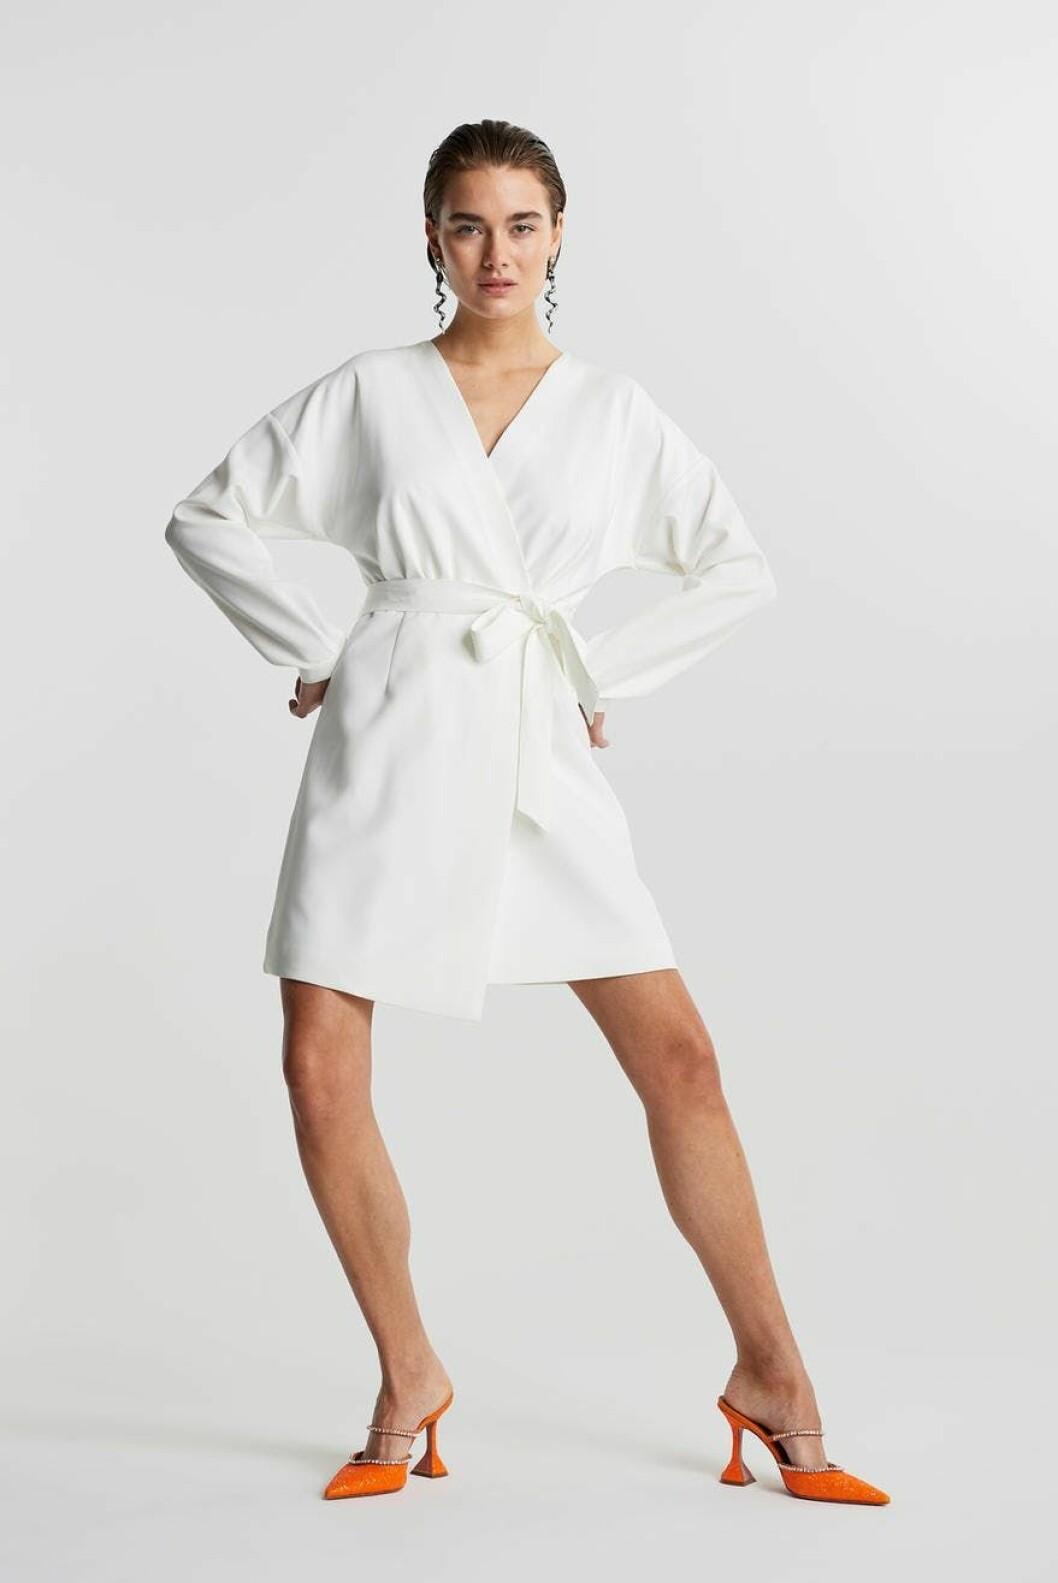 Vit klänning med lång ärm i omlottmodell från Gina tricot